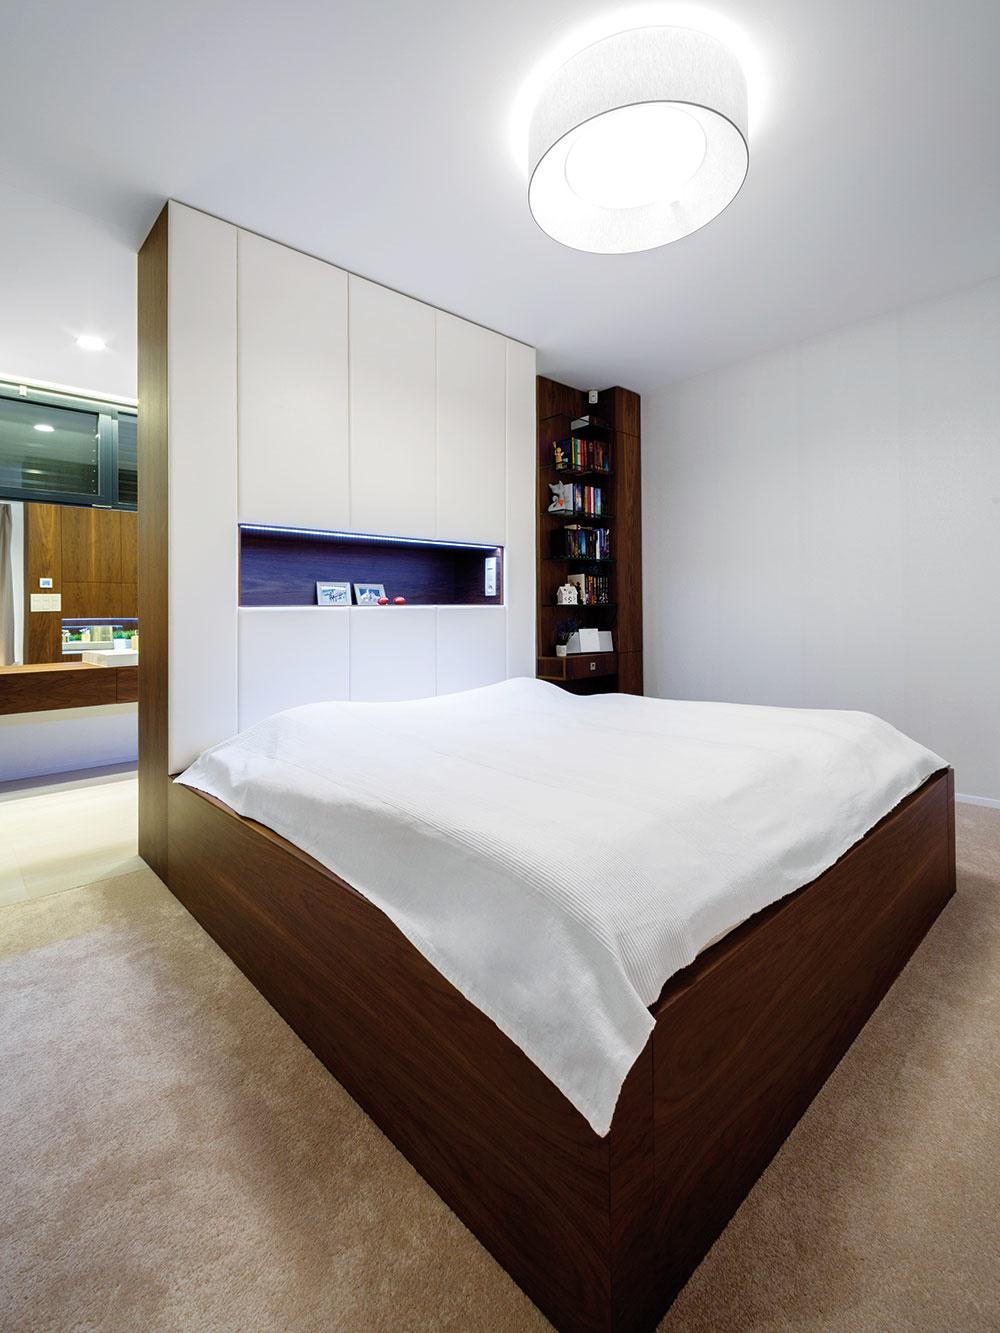 Nočná časť majiteľov je umiestnená za dennou zónou – tvorí ju ucelený blok pozostávajúci zo spálne, šatníka akúpeľne. Tieto priestory sú navzájom opticky prepojené. Zo spálne je priamo prístupná aj vonkajšia terasa.